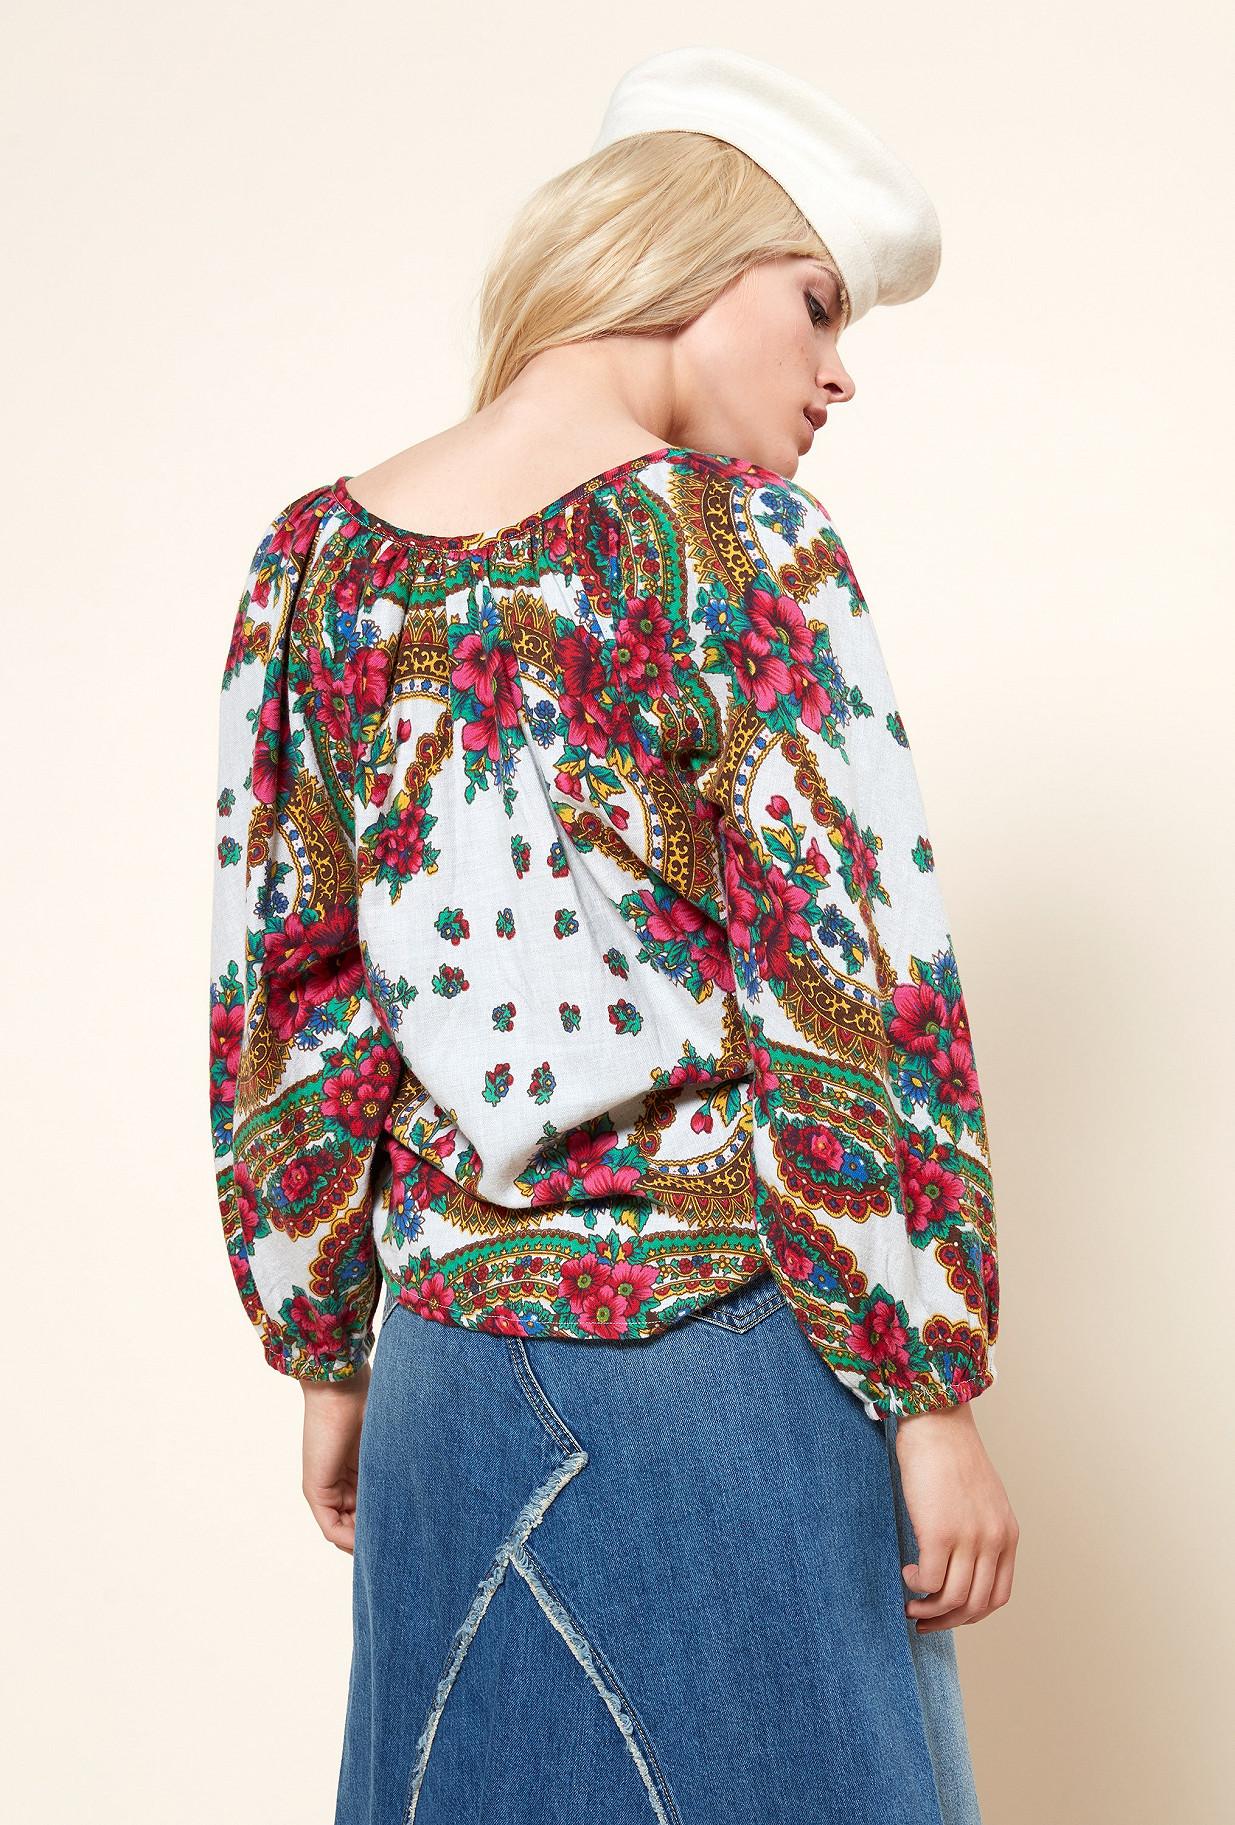 Paris clothes store Blouse  Possad french designer fashion Paris